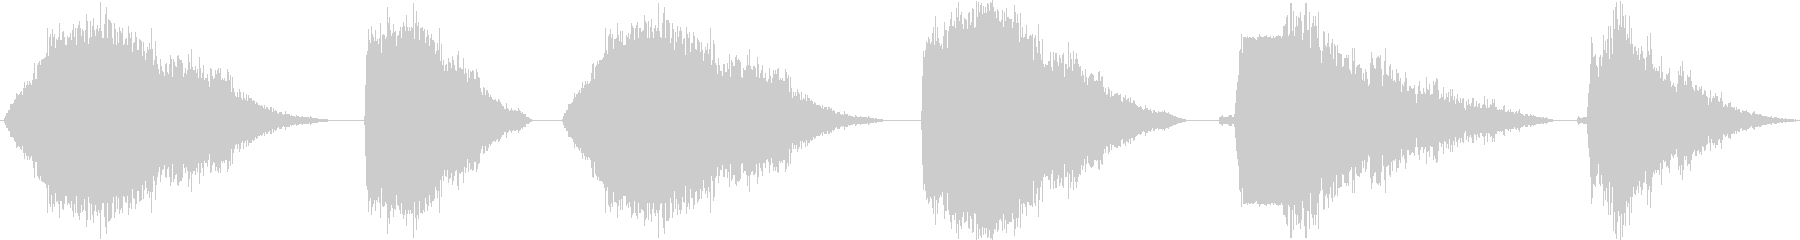 スペースレーザー分解ブラスト、6バ...の未再生の波形